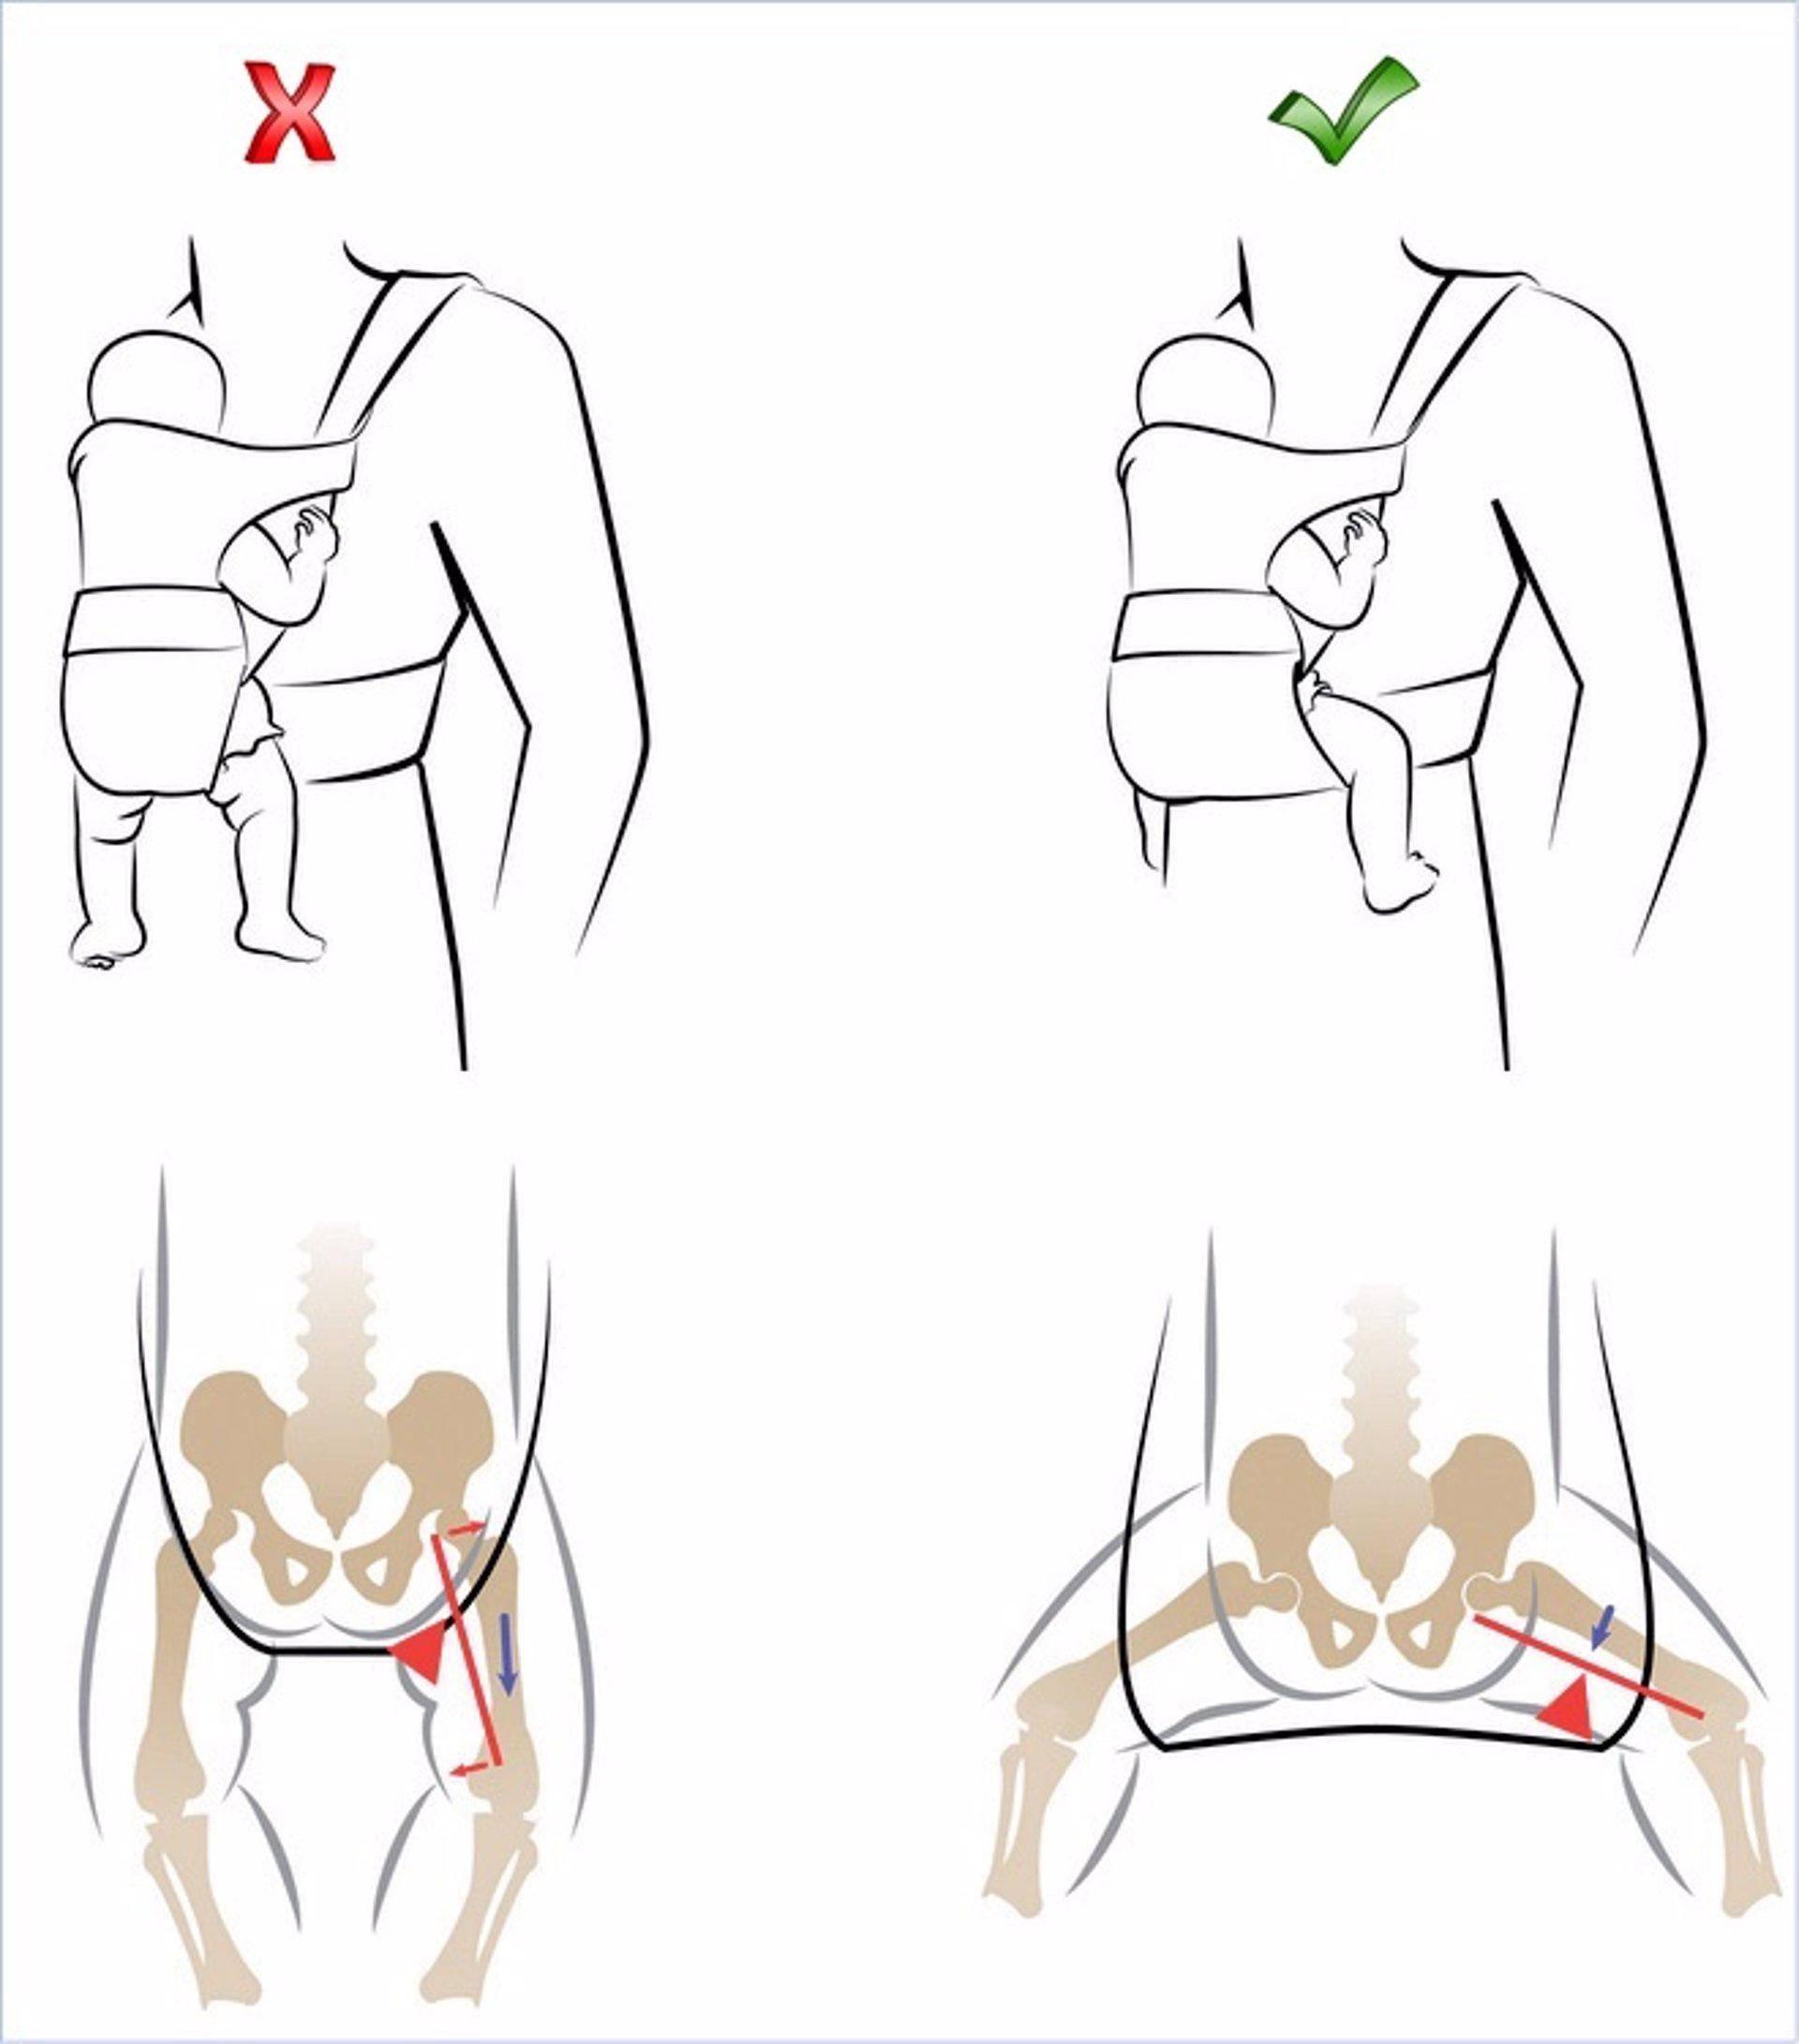 d9324d9483466 El porteo ergonómico, una opción segura para transportar a los recién  nacidos